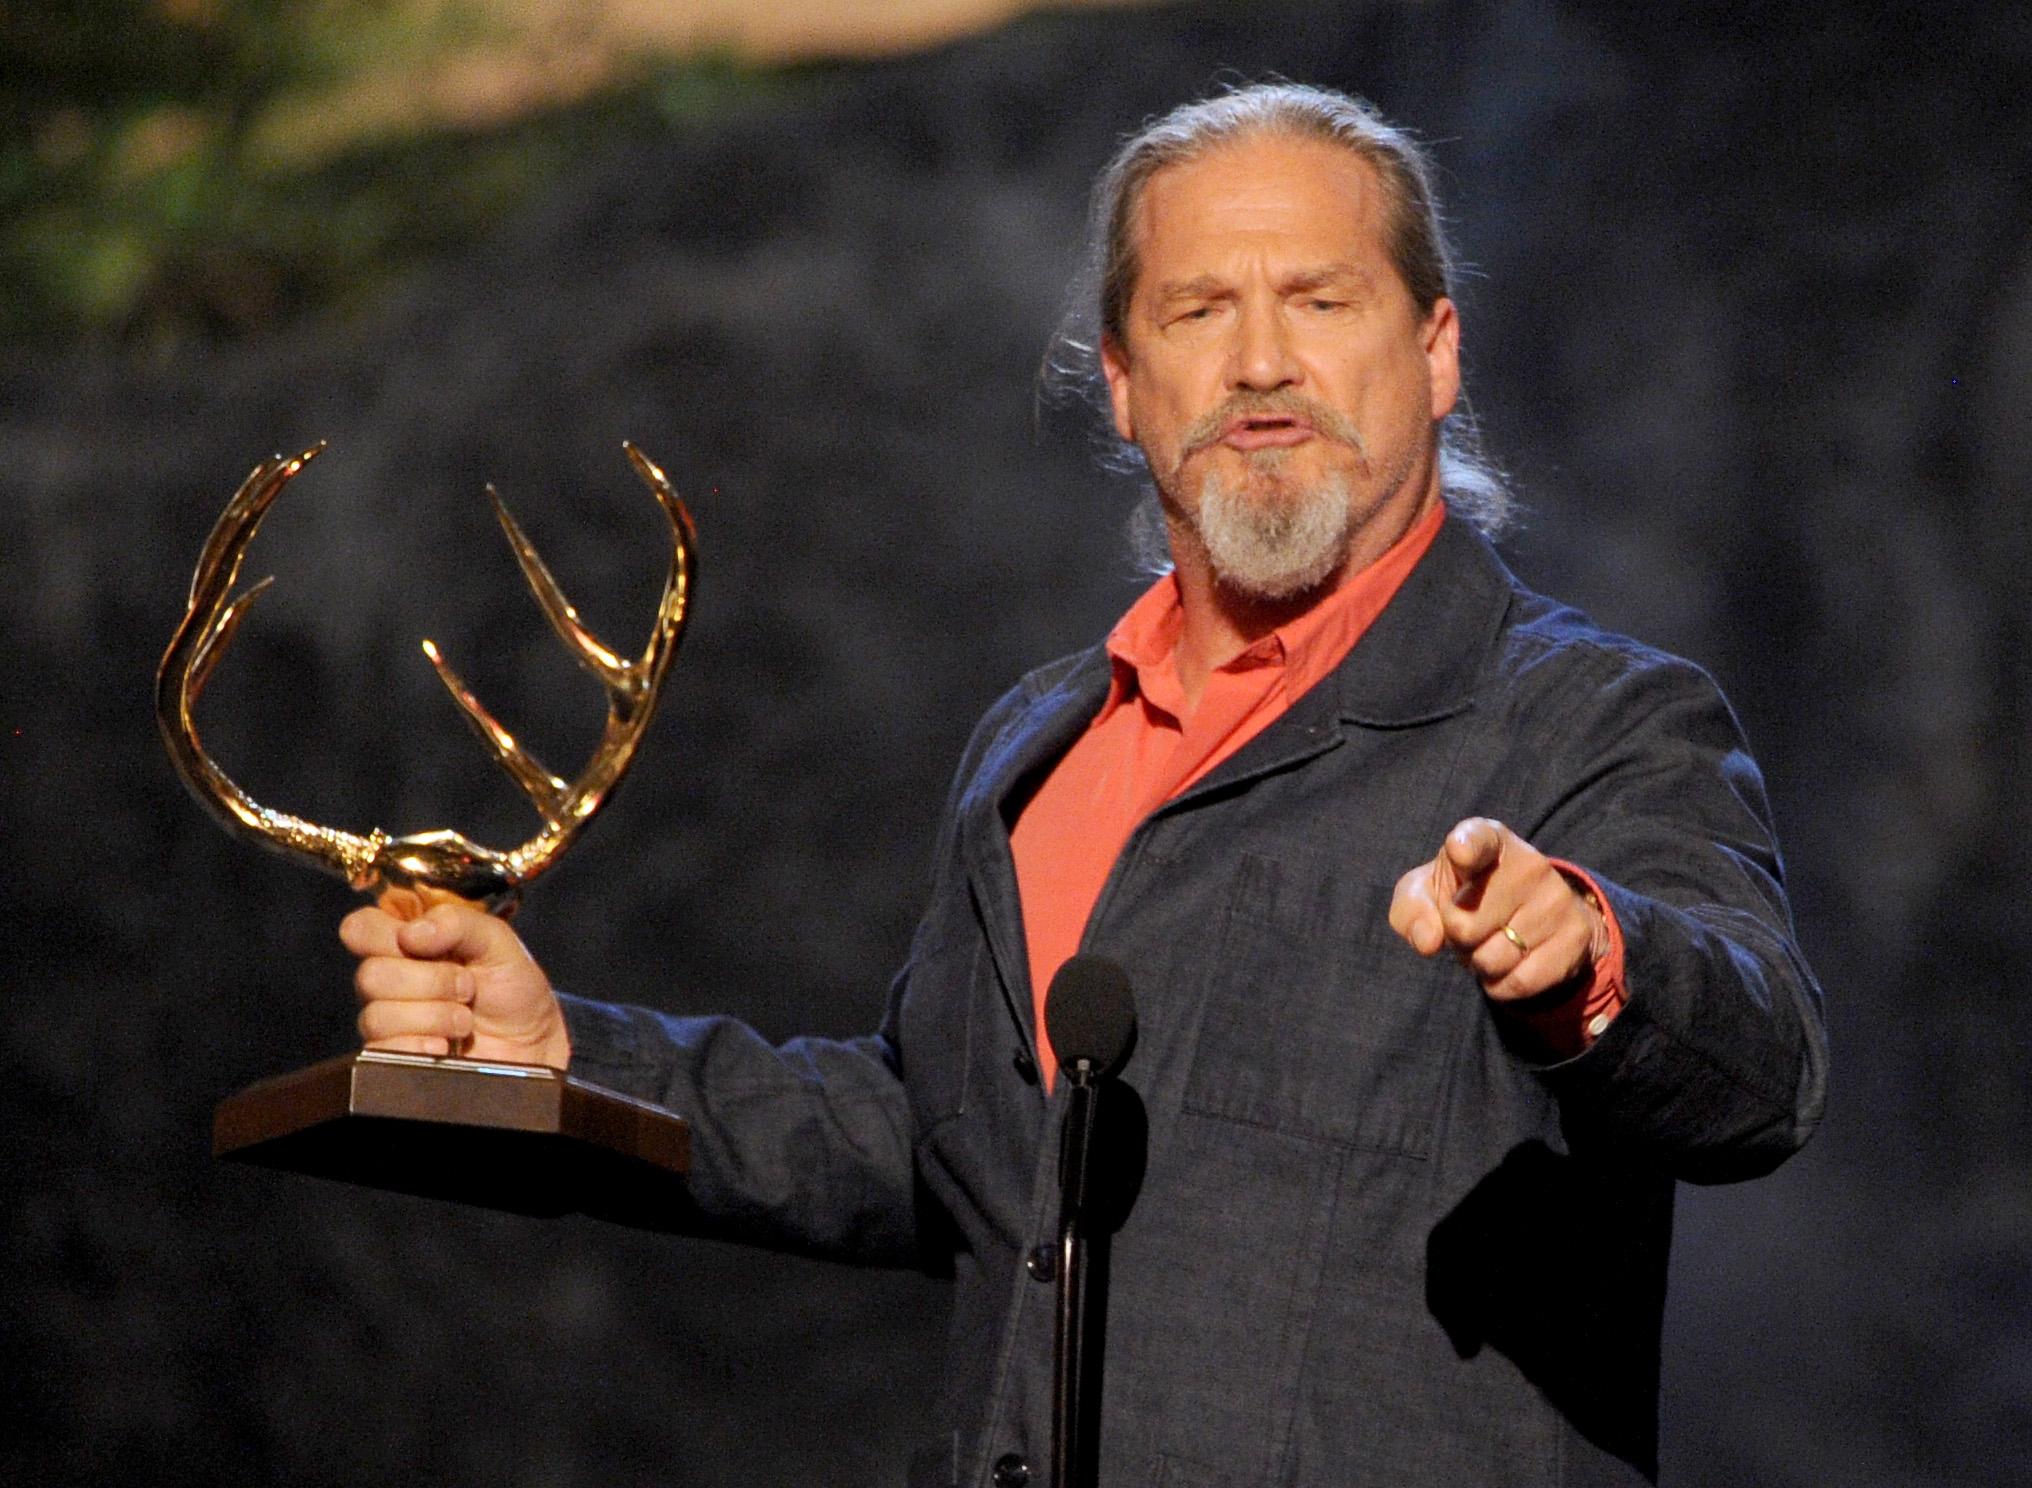 Friss hírek: Az Oscar-díjas színész újabb komoly elismerést érdemelt ki.